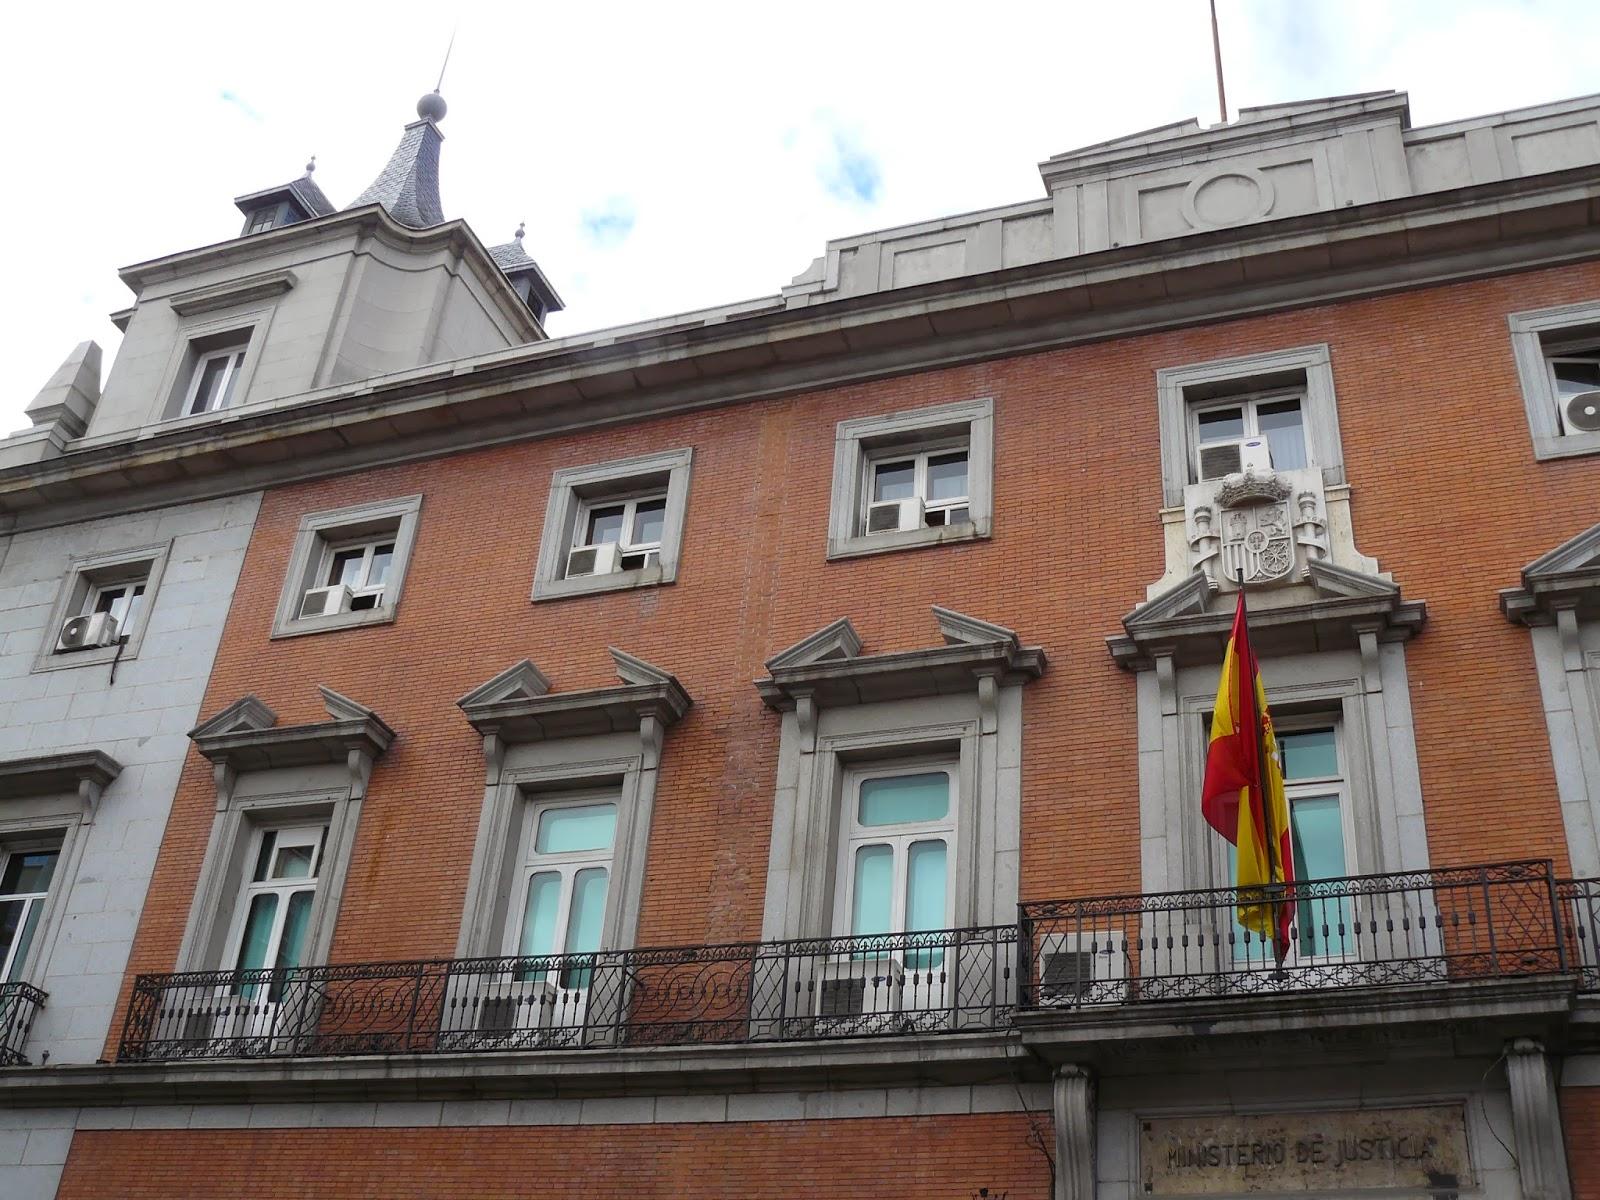 Se reúne en Madrid el pleno y la permanente de La Comisión Asesora de Libertad Religiosa